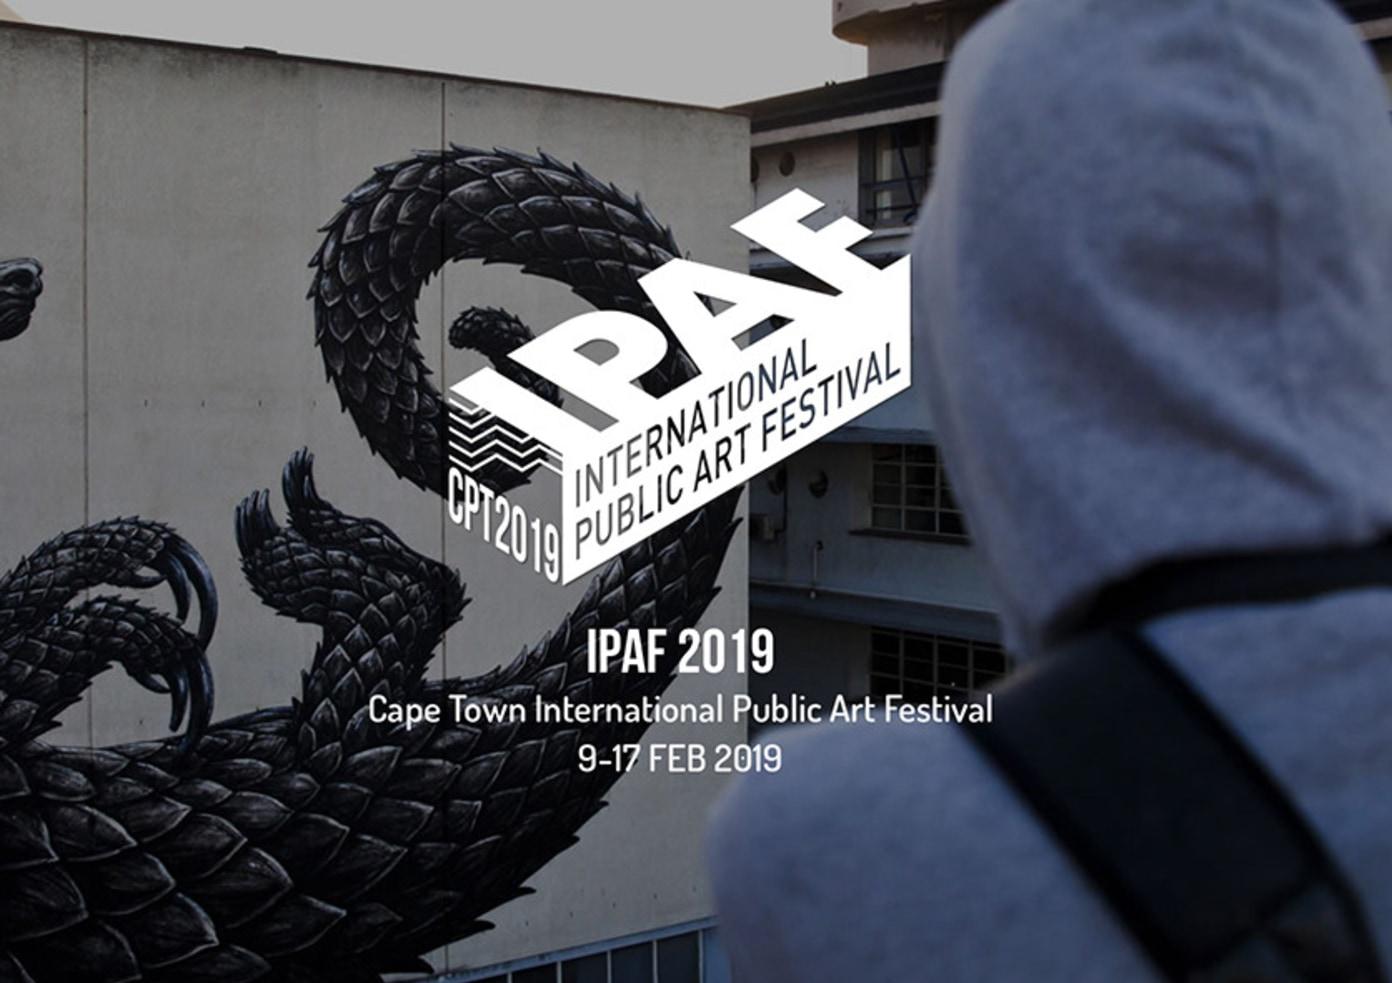 International Public Art Festival in Cape town